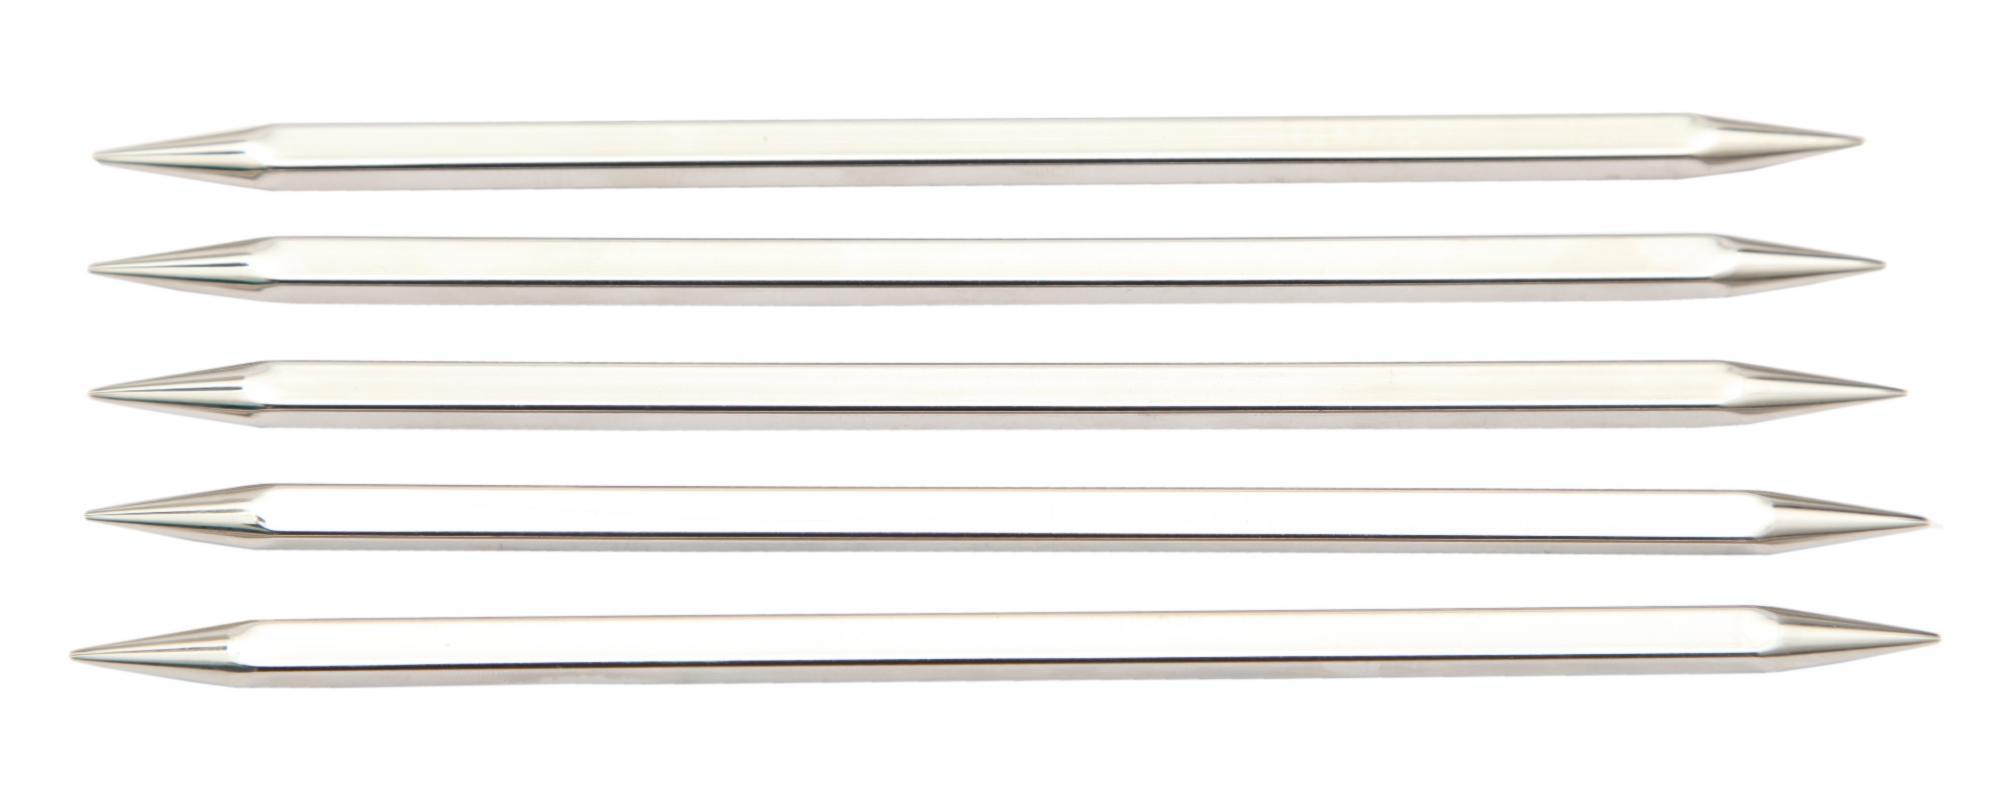 Спицы носочные 20 см Nova Cubics KnitPro, 12133, 6.00 мм